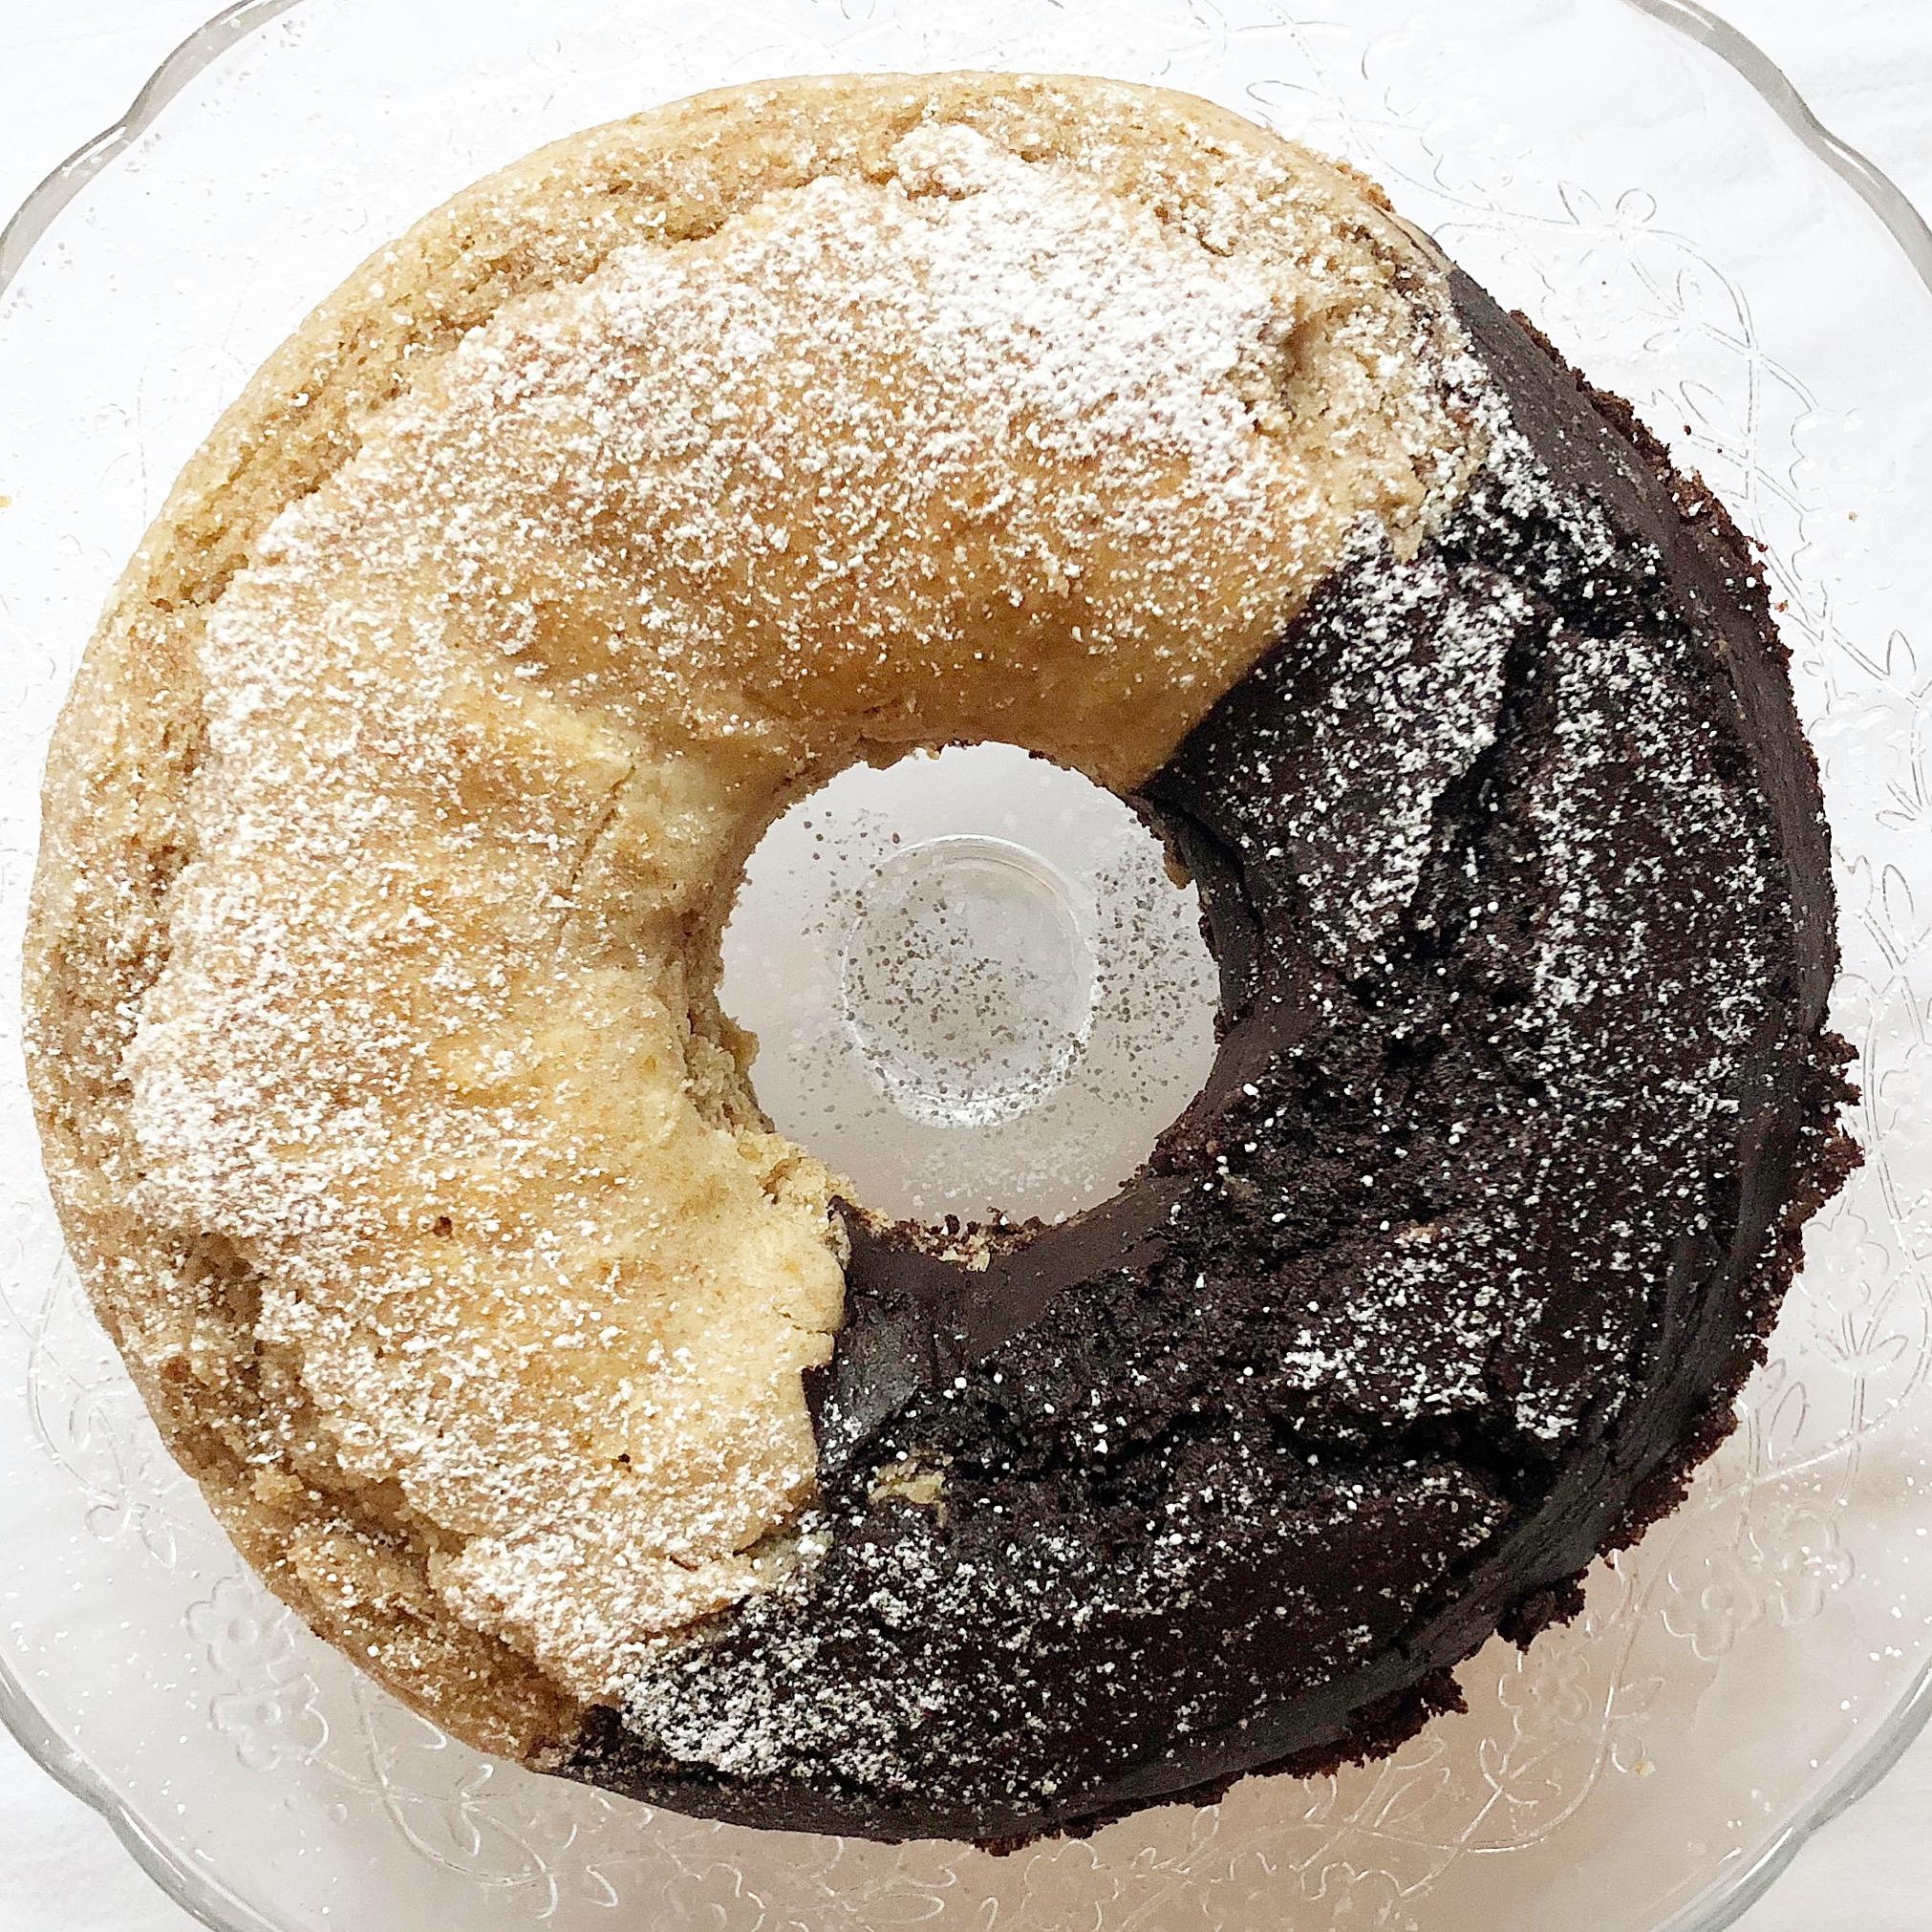 Torta Abbraccio Senza Burro, un dolce soffice e morbido di dolci senza burro